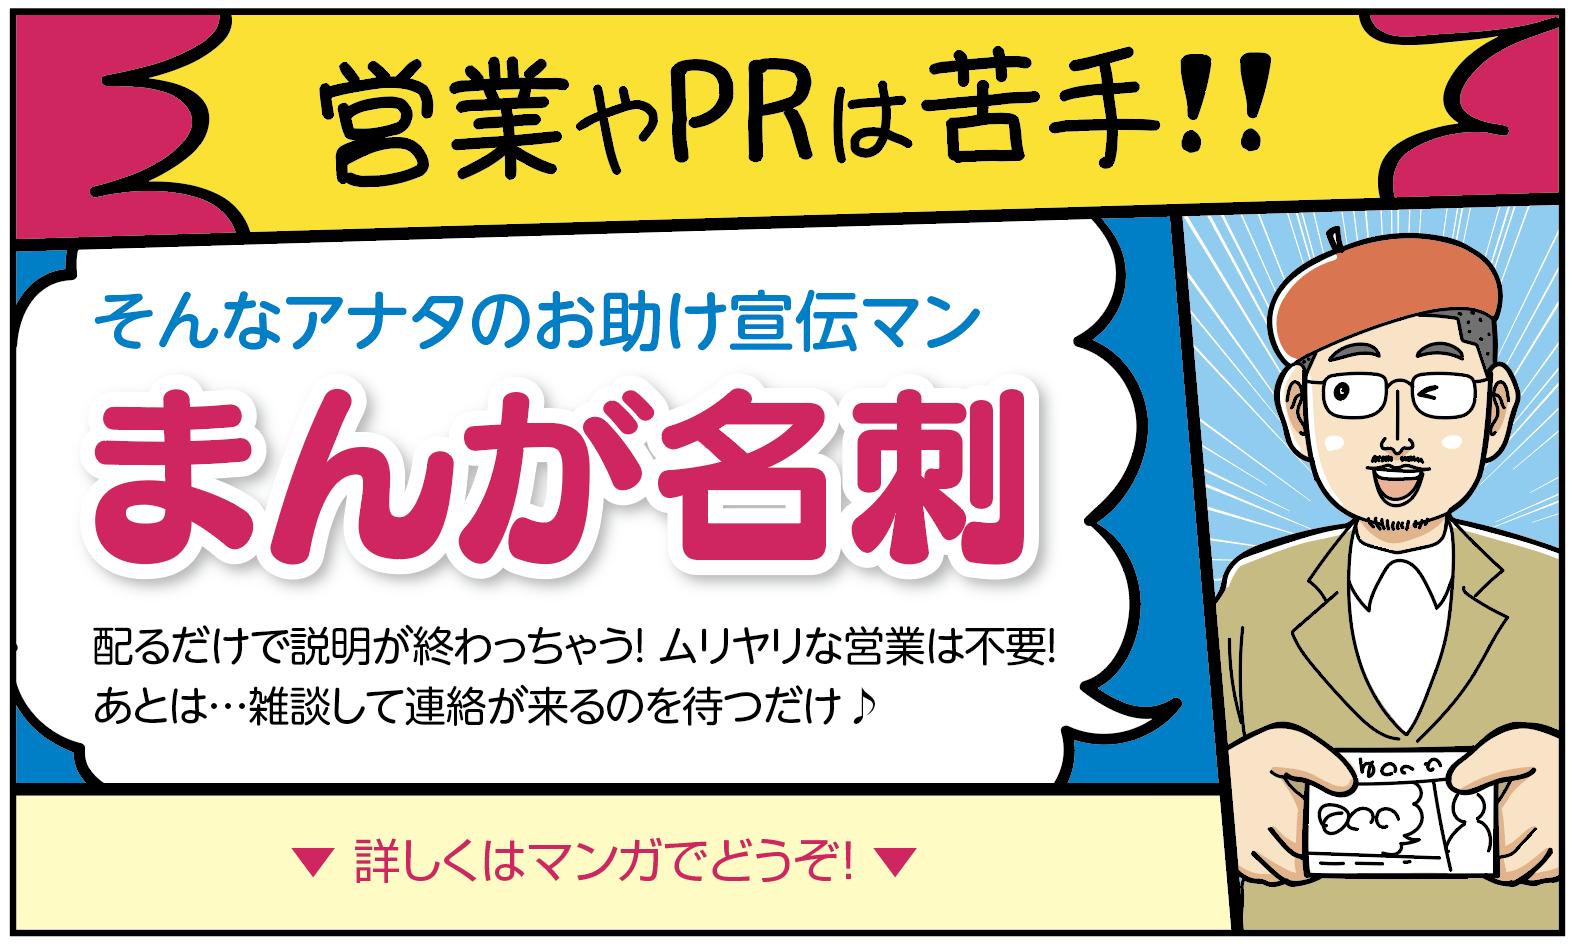 漫画名刺!営業やPRが苦手な型のためのマンガ名刺/漫画名刺